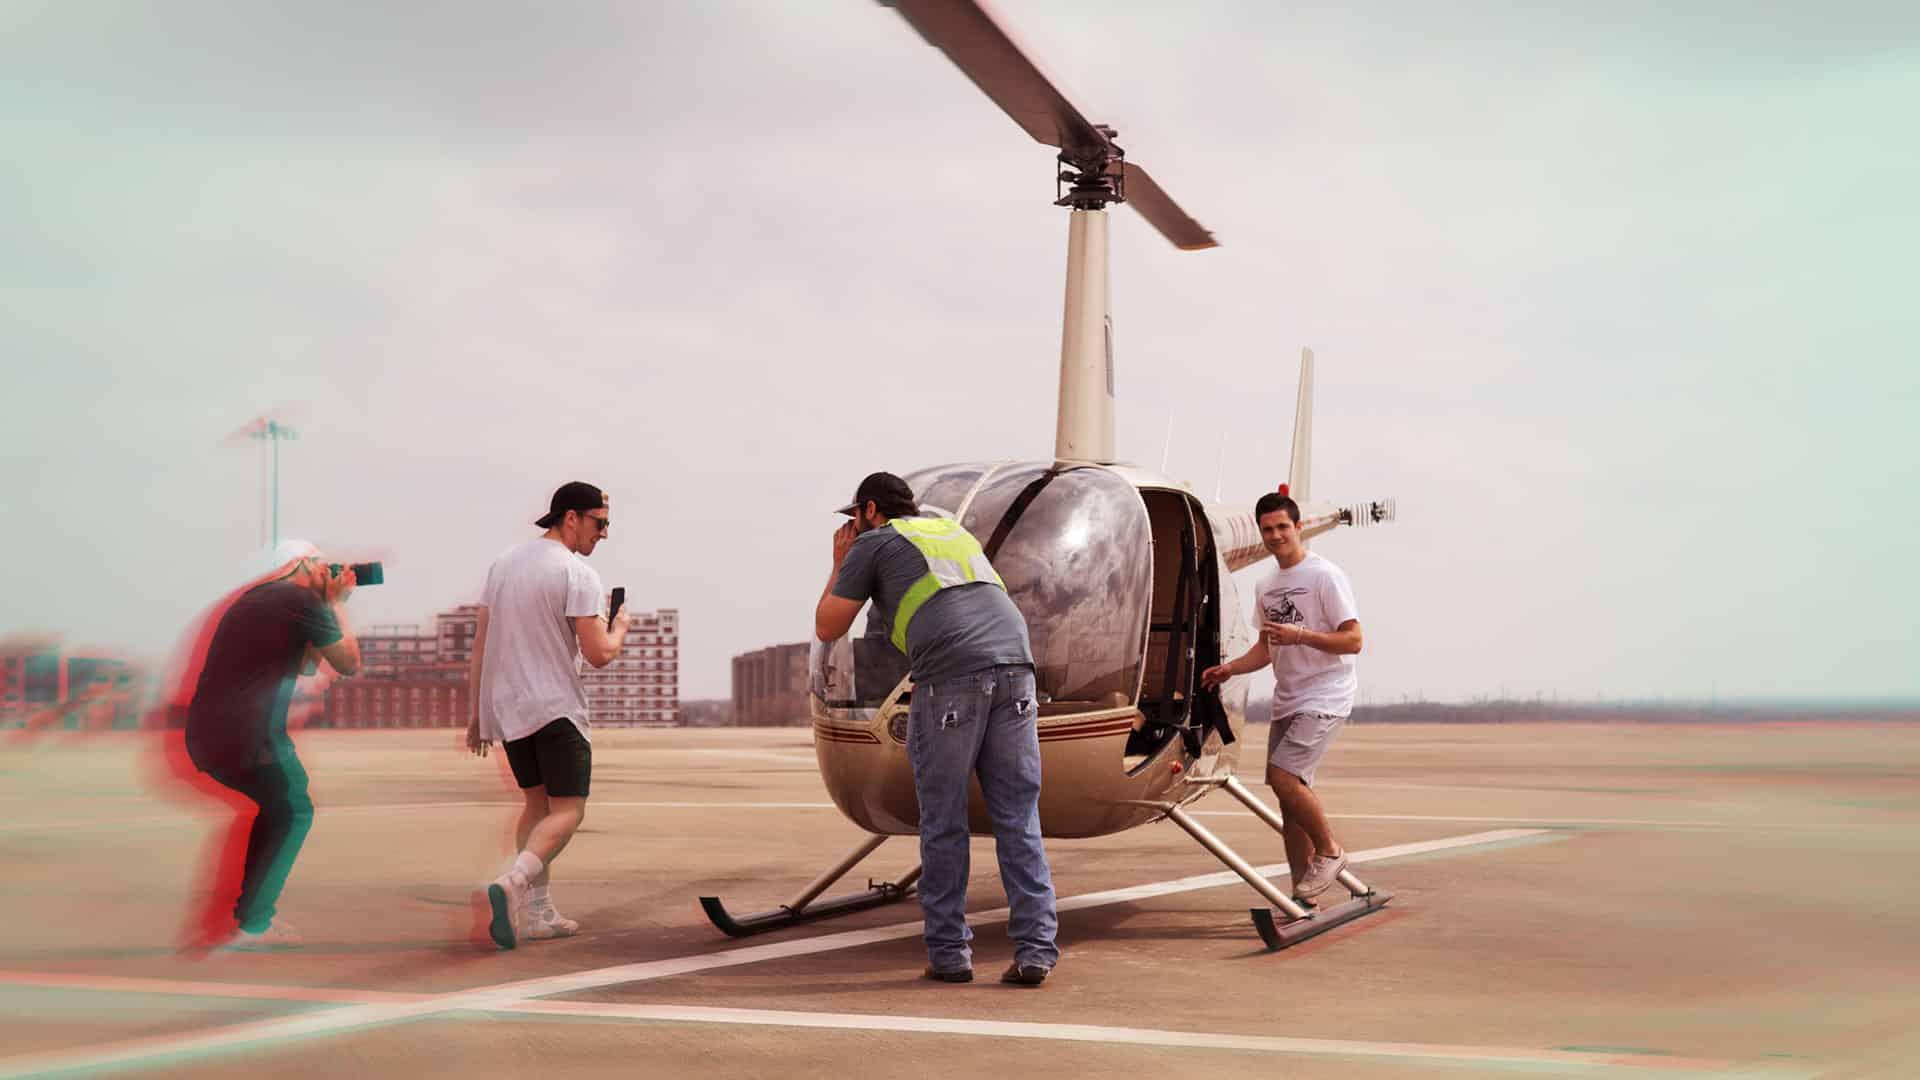 personne prenant en photo une personne devant un hélicoptère